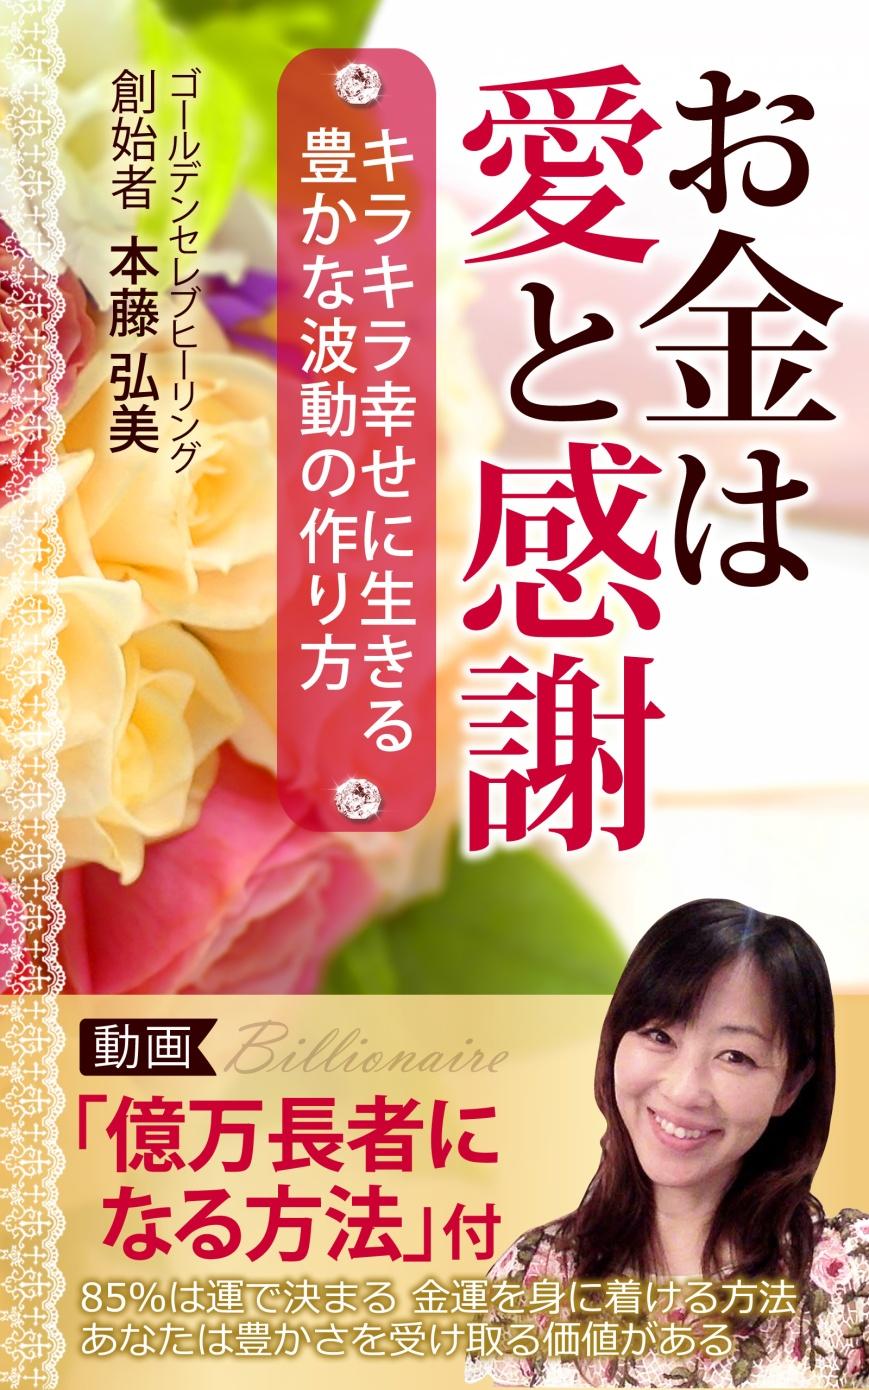 本藤さま2冊目-2